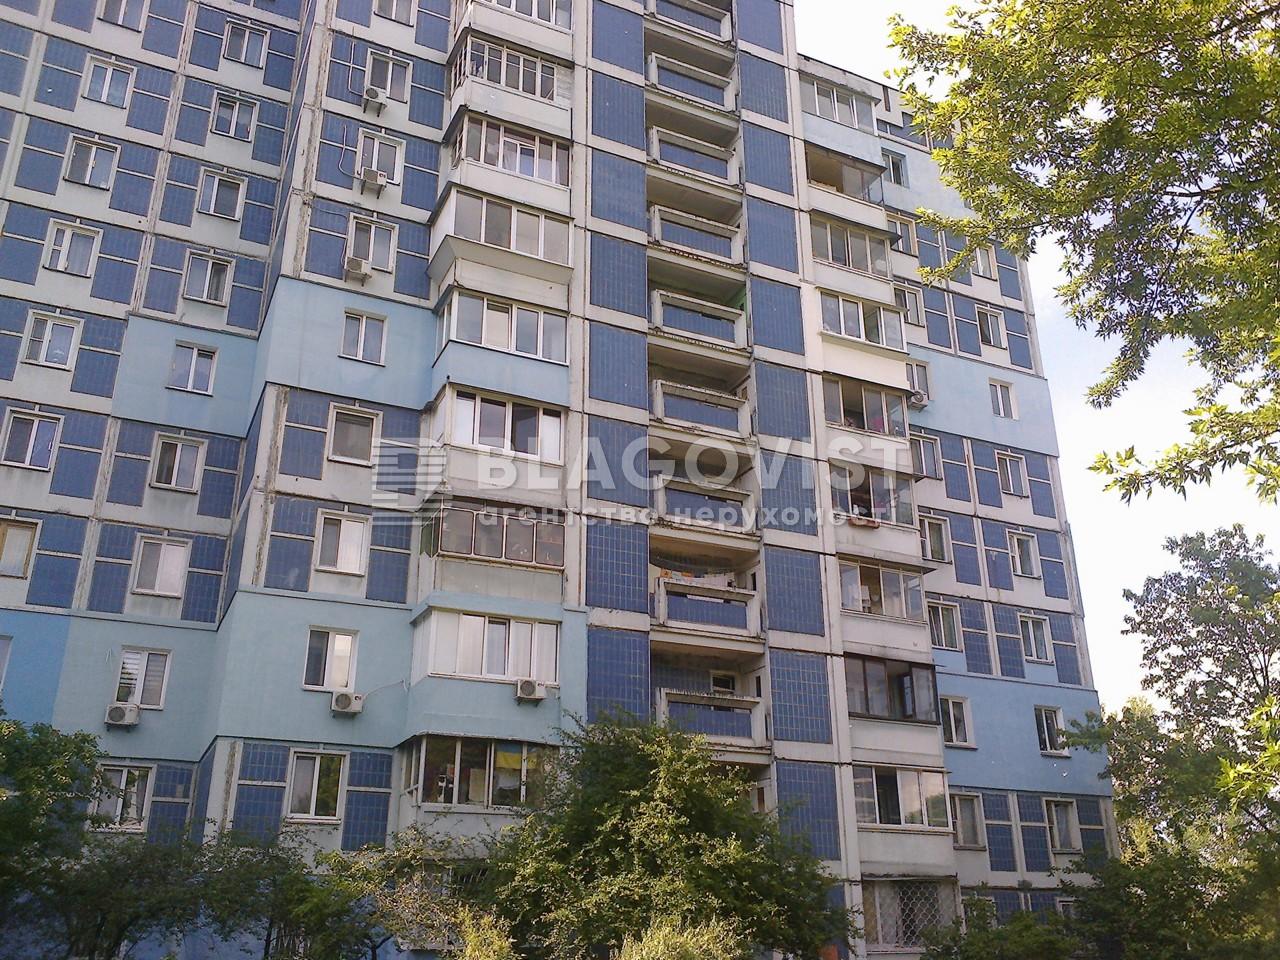 Квартира A-108602, Иорданская (Гавро Лайоша), 9е, Киев - Фото 1